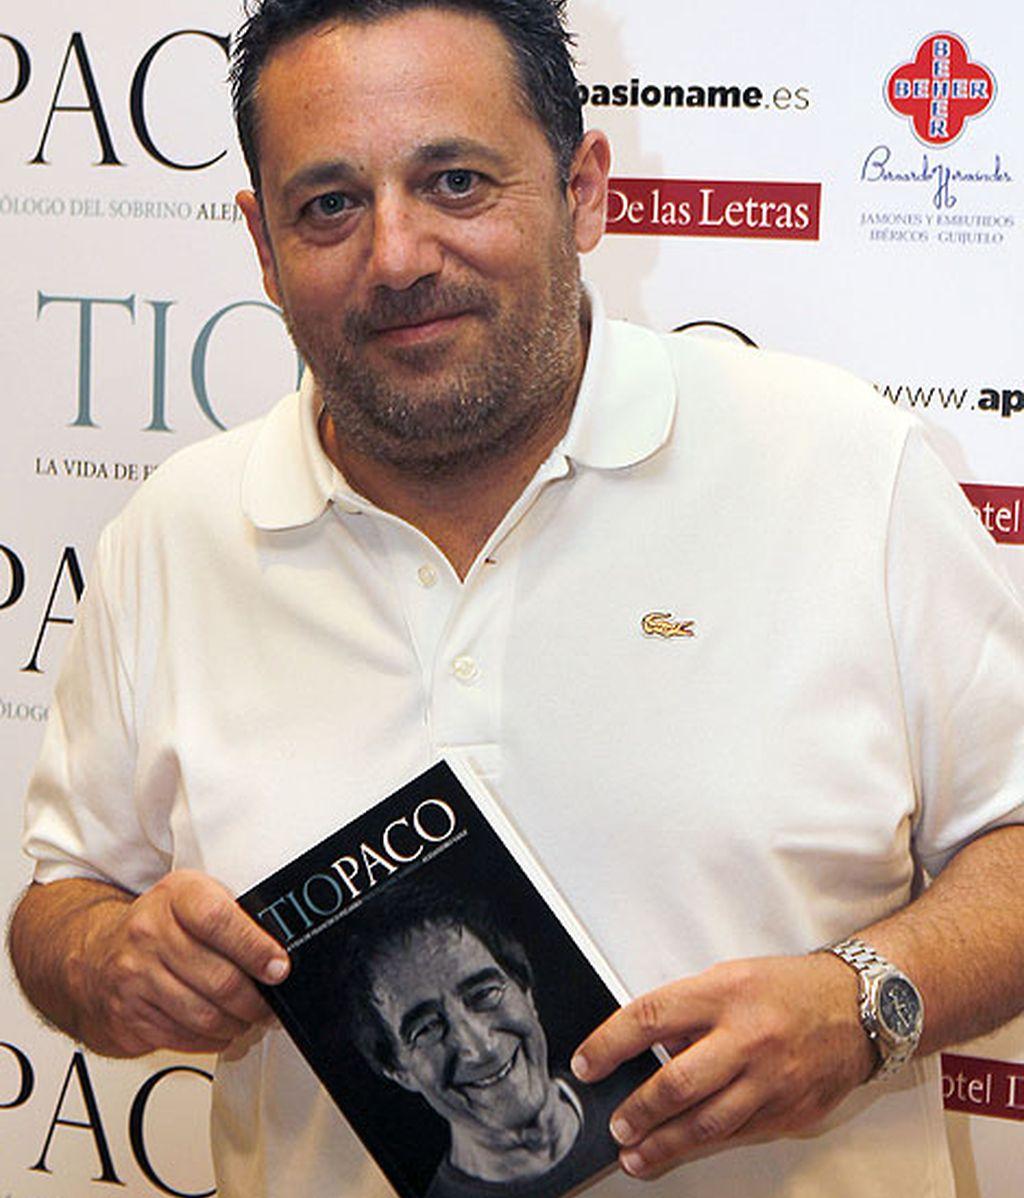 El actor Pepón Nieto posó con el libro del 'tío Paco'